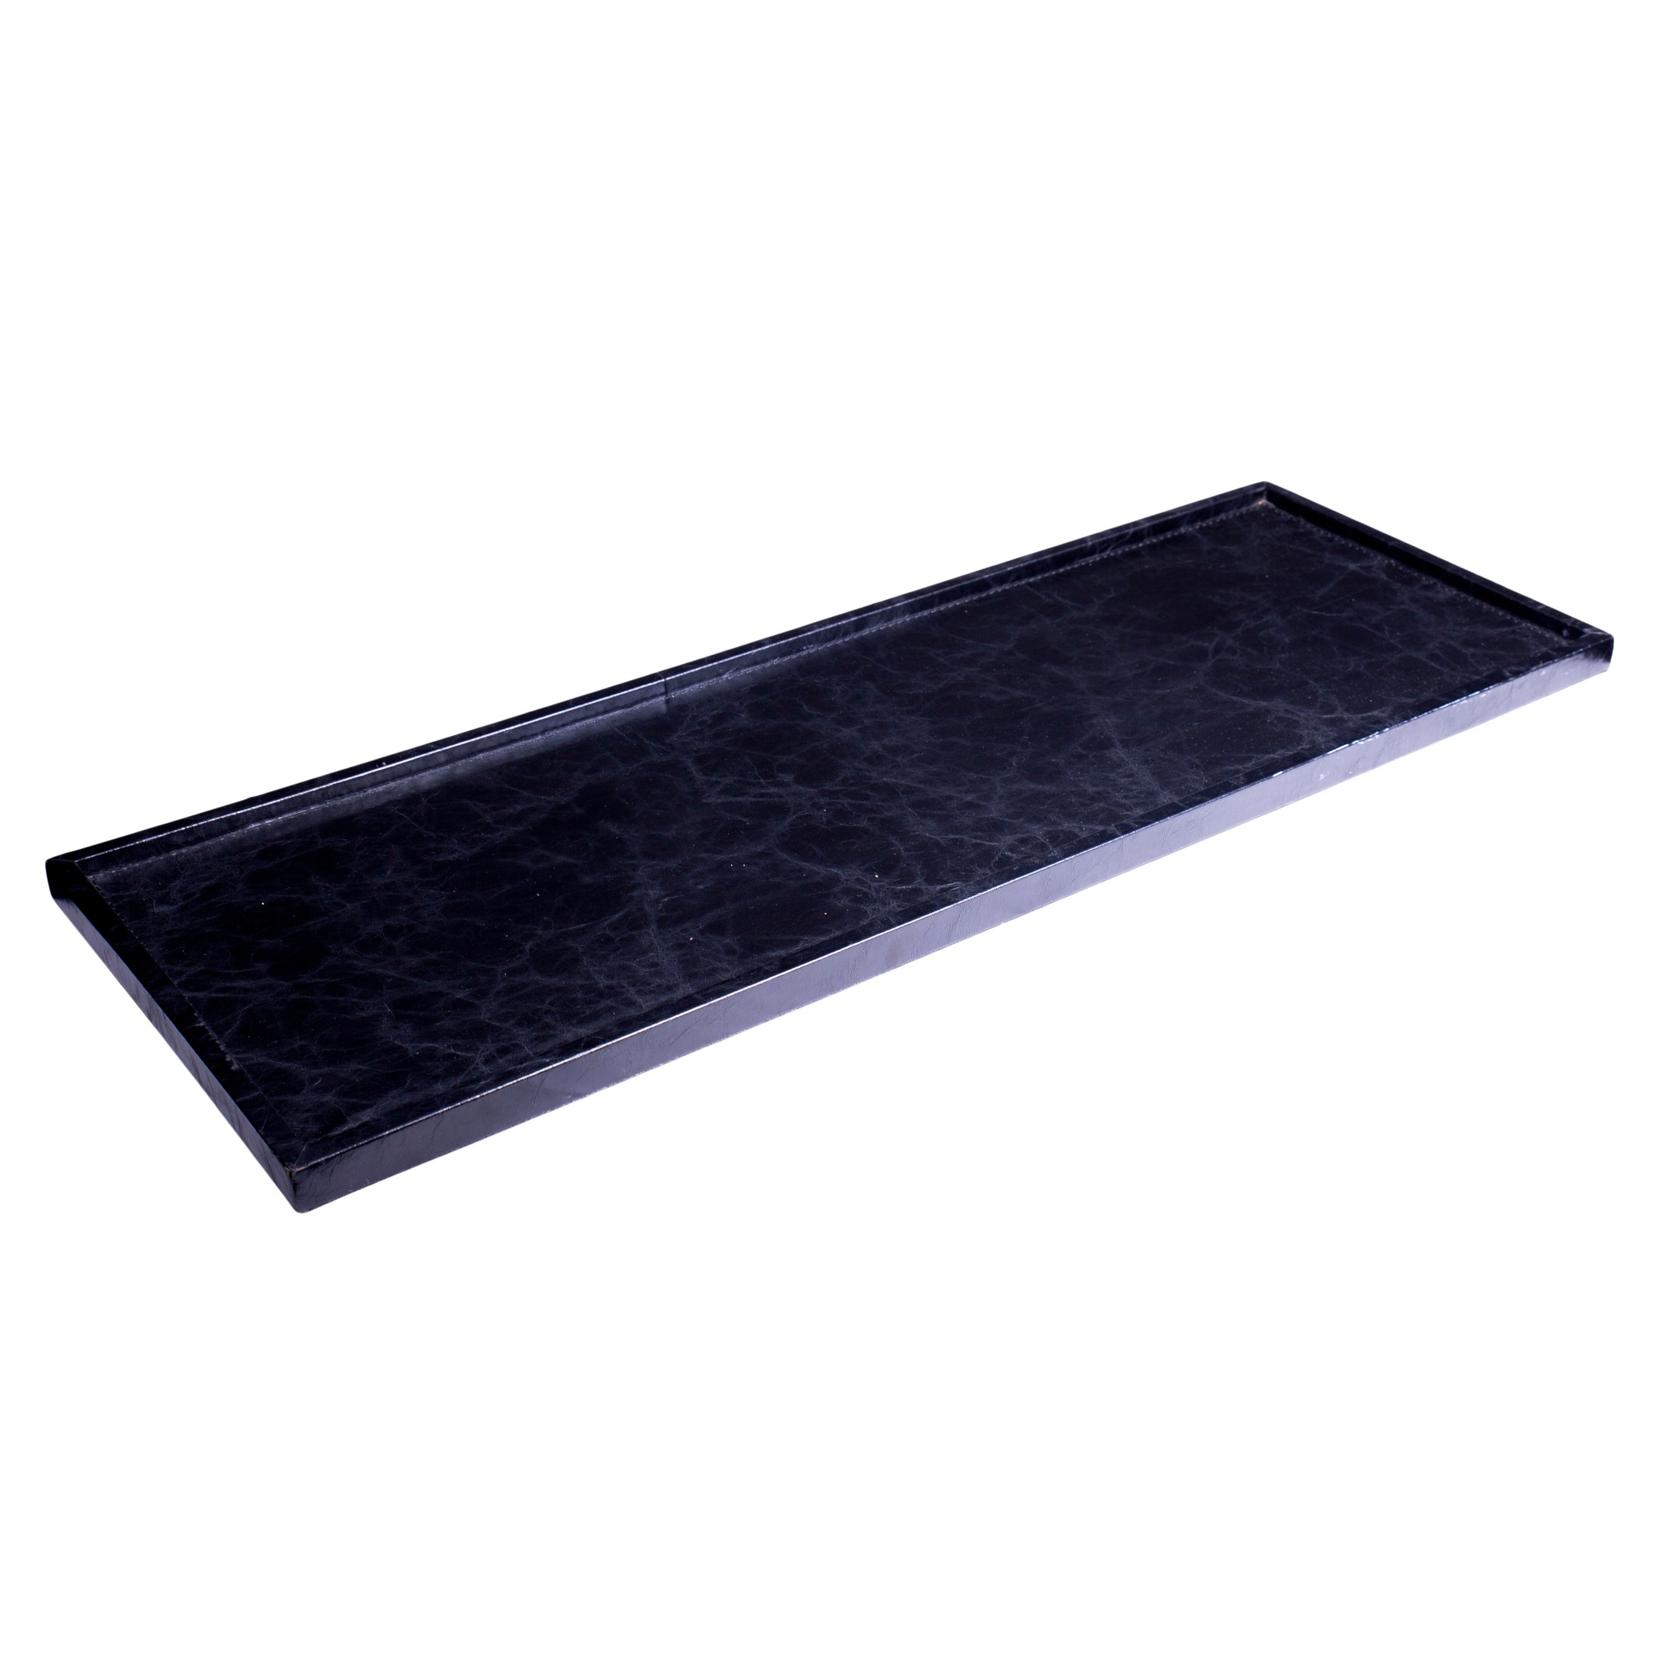 C0246 Large Canape Tray